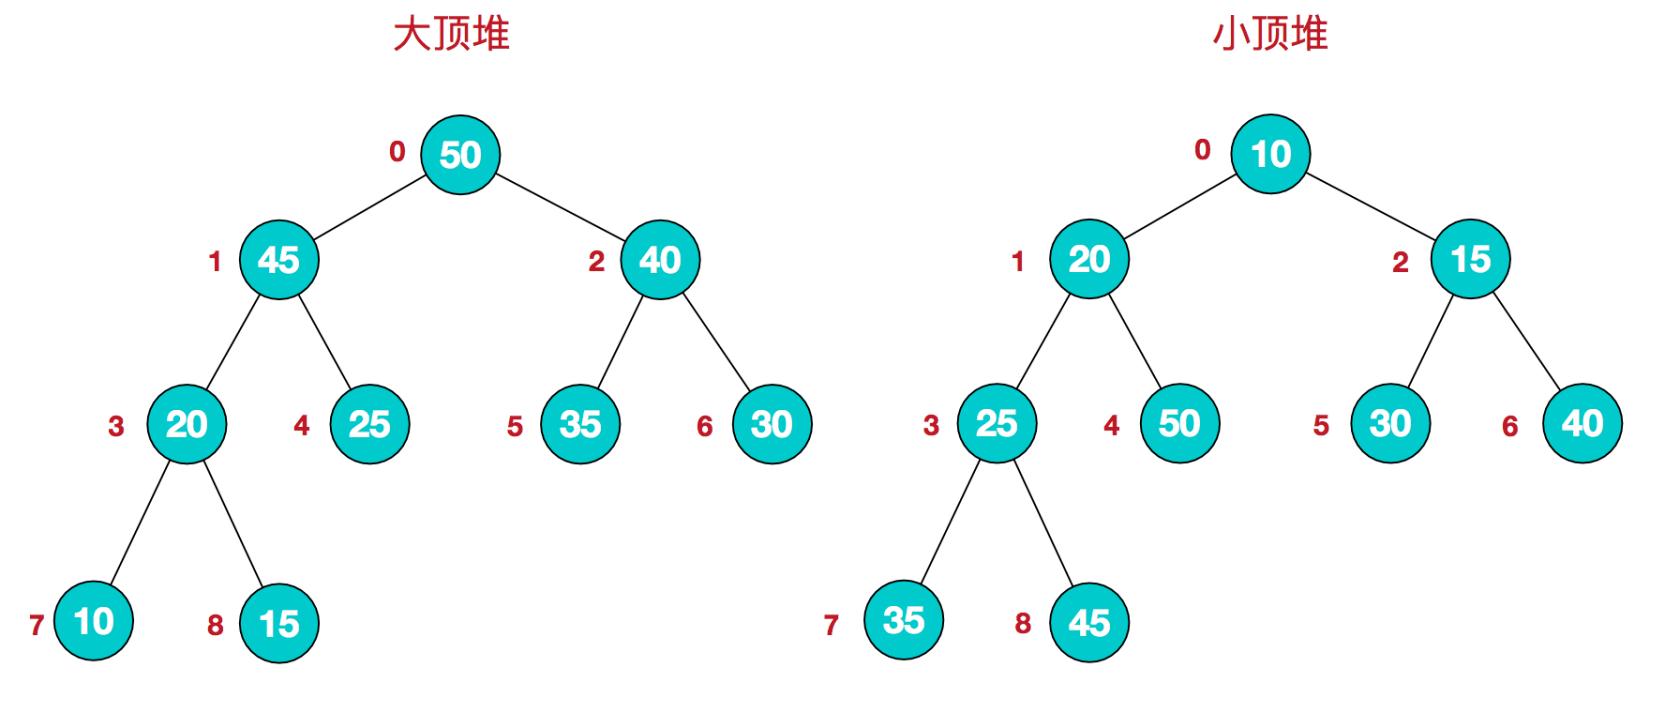 数据结构与算法——排序